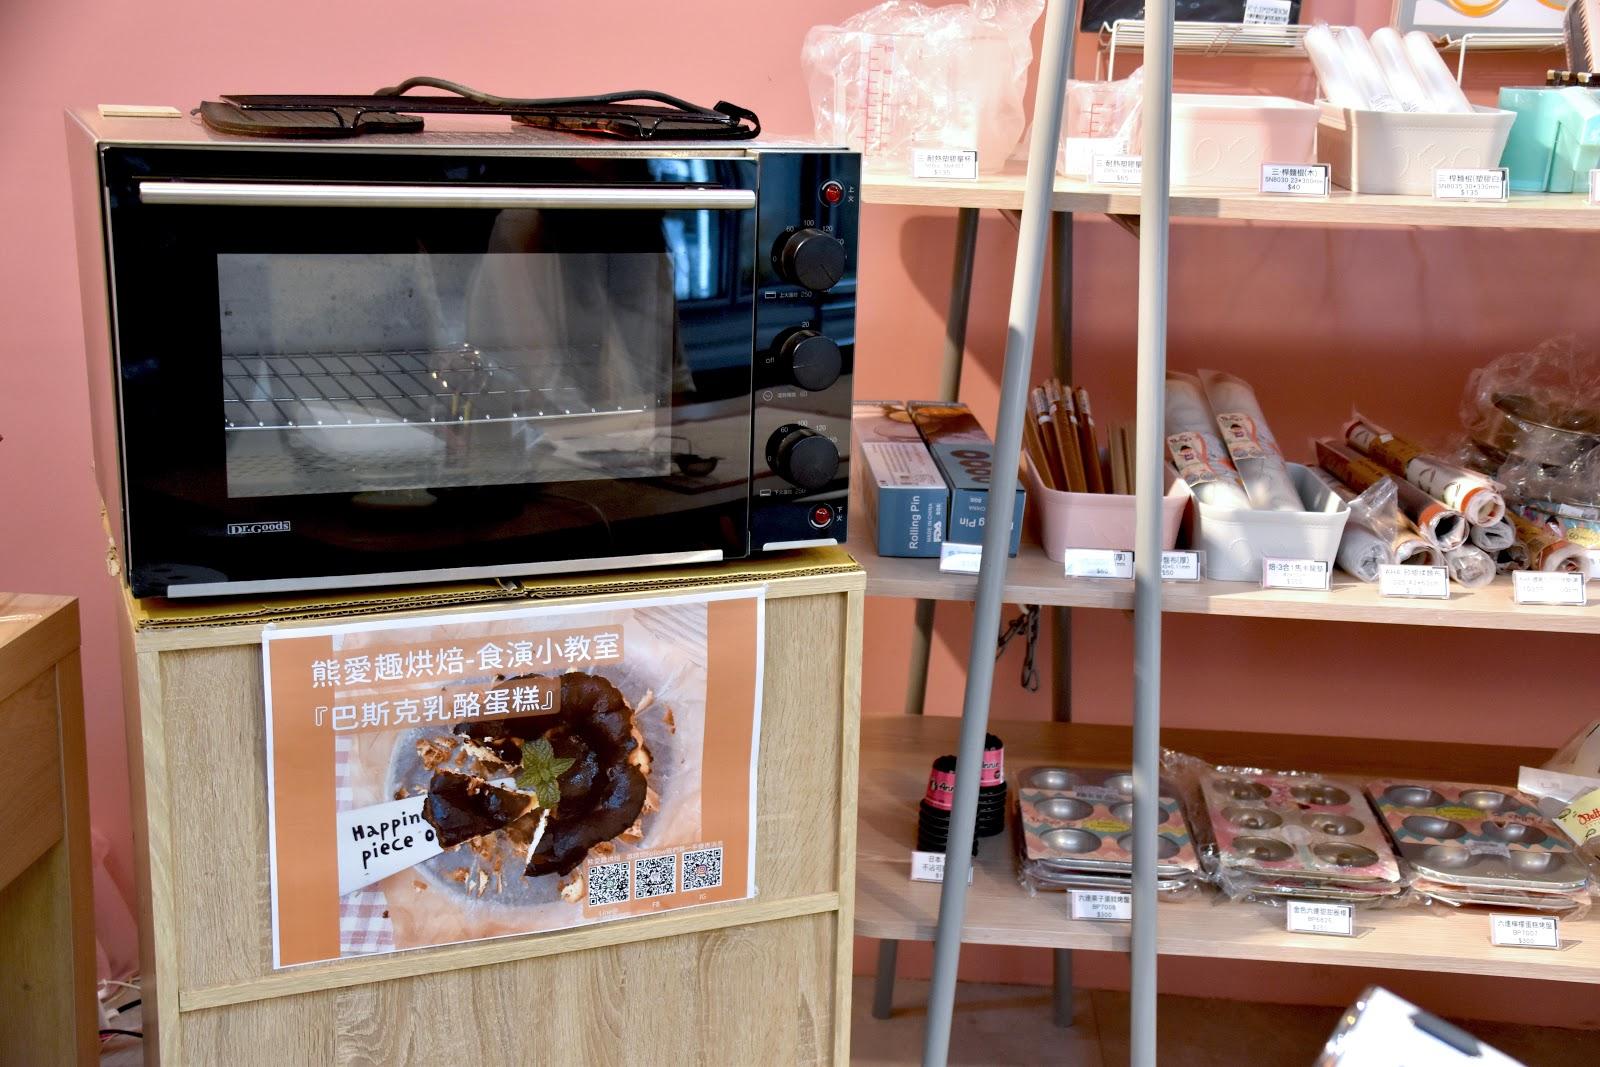 【台南|中西】熊愛趣烘焙材料器具, 烘焙材料包不用再擔心比例不會抓,簡單器具就能在家享受烘焙的樂趣!還有不定期烘焙食演現場教你做! 🍃